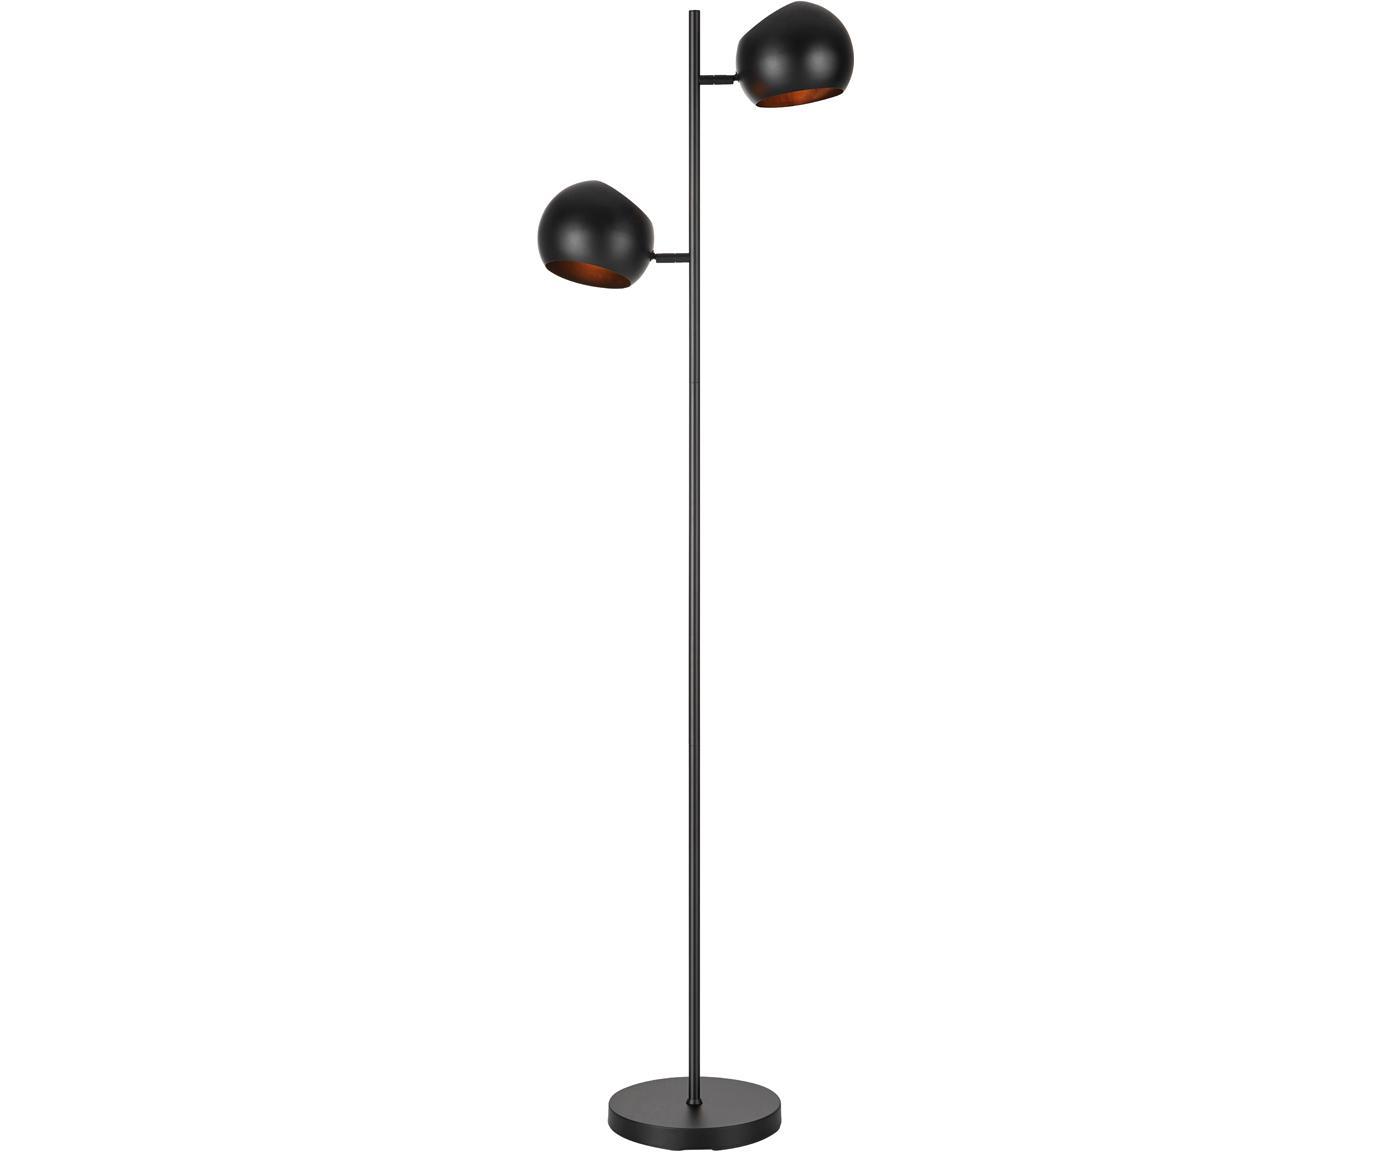 Lampa podłogowa Edgar, Czarny, S 40 x W 145 cm